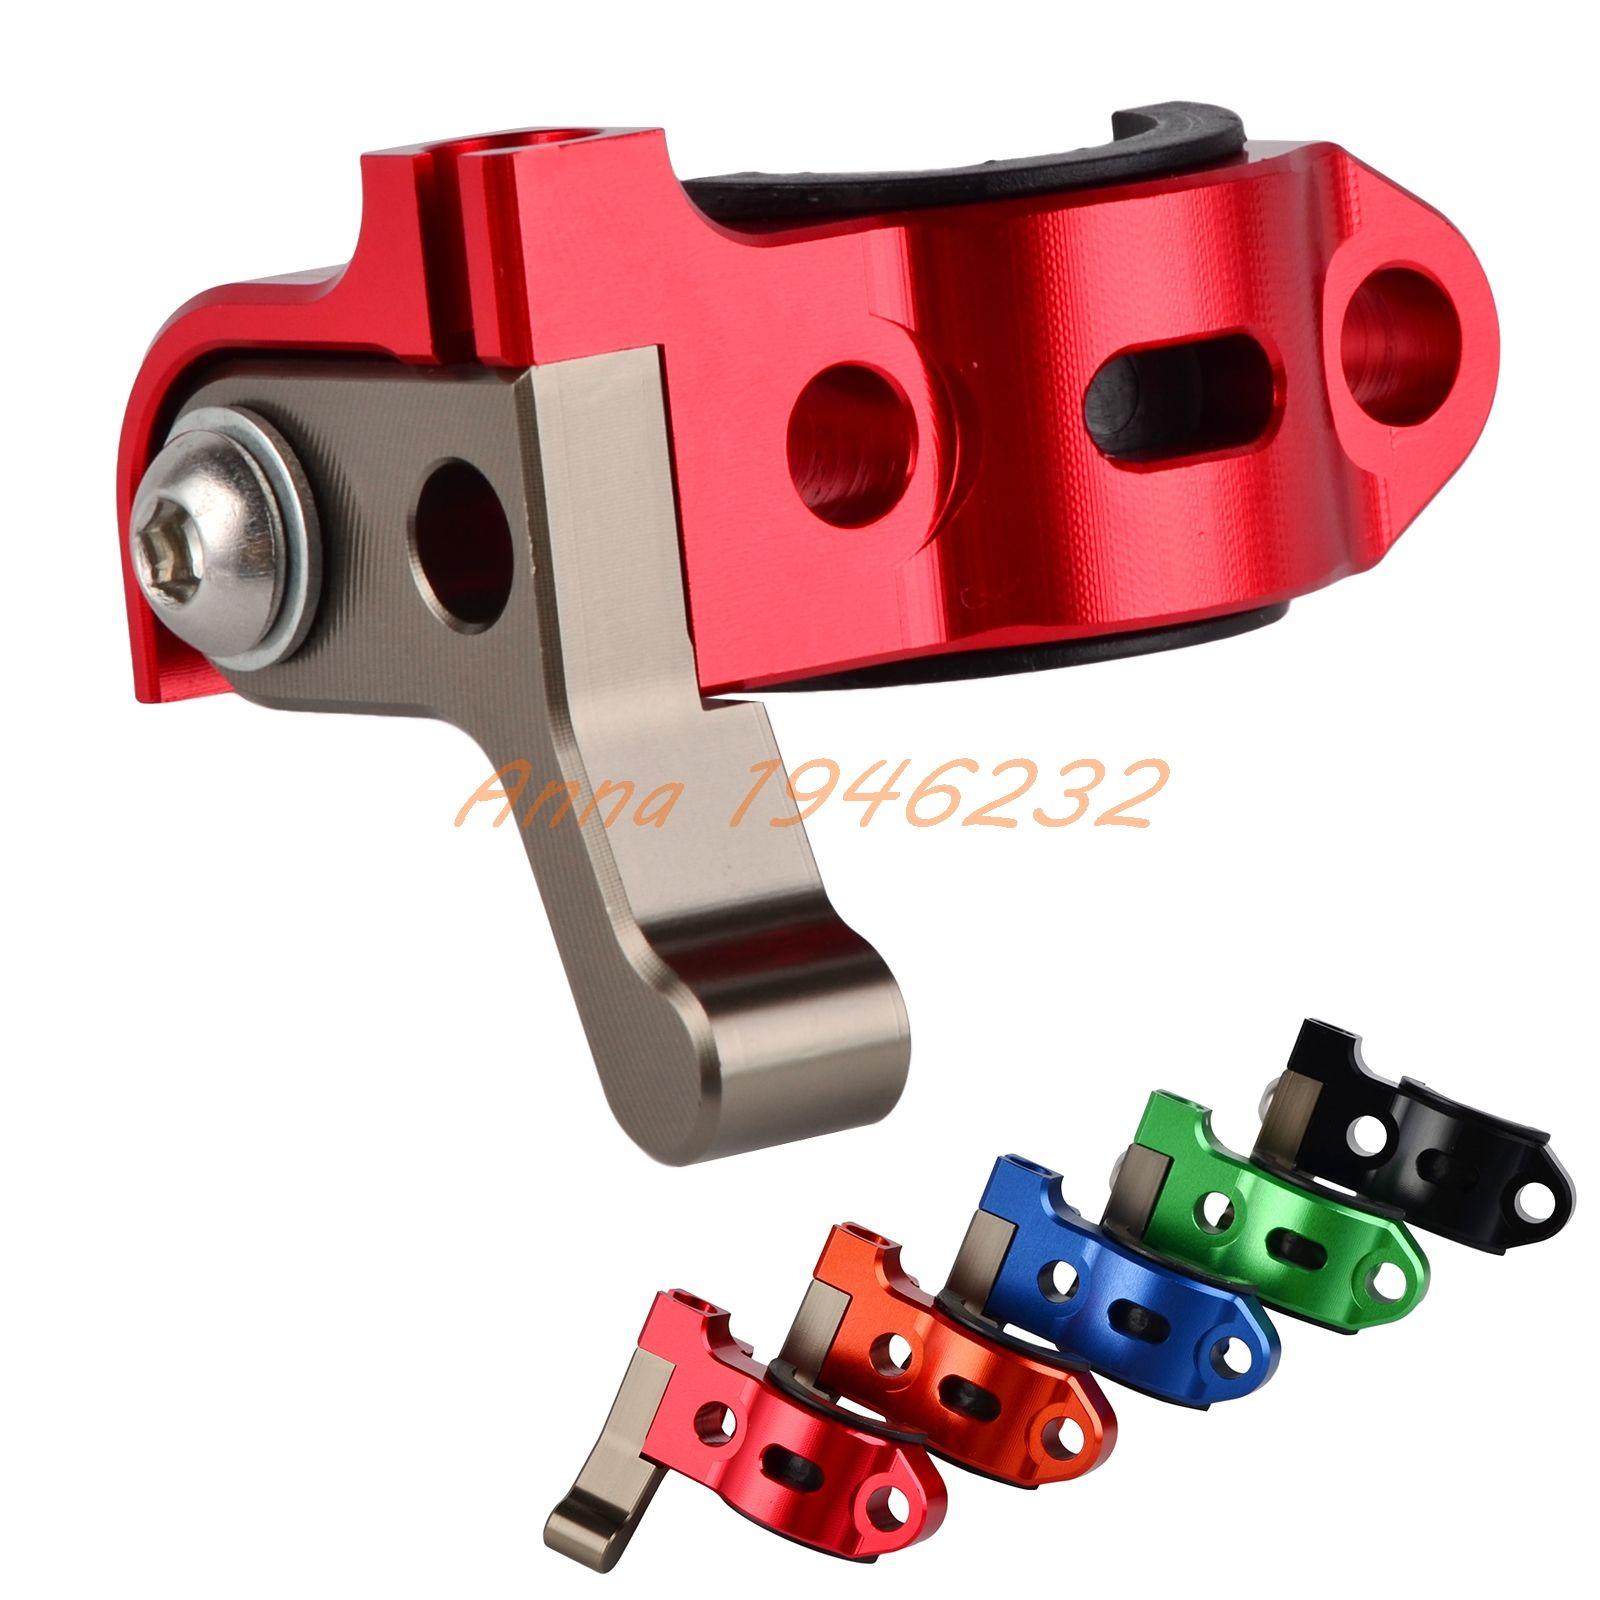 Rotating Bar Clamp Hot Start Lever For Honda CR 125 250 500 80 85R CRF150F/R CRF230F 250R/X 450R/X XR250R/L XR 400 600R XR650R/L